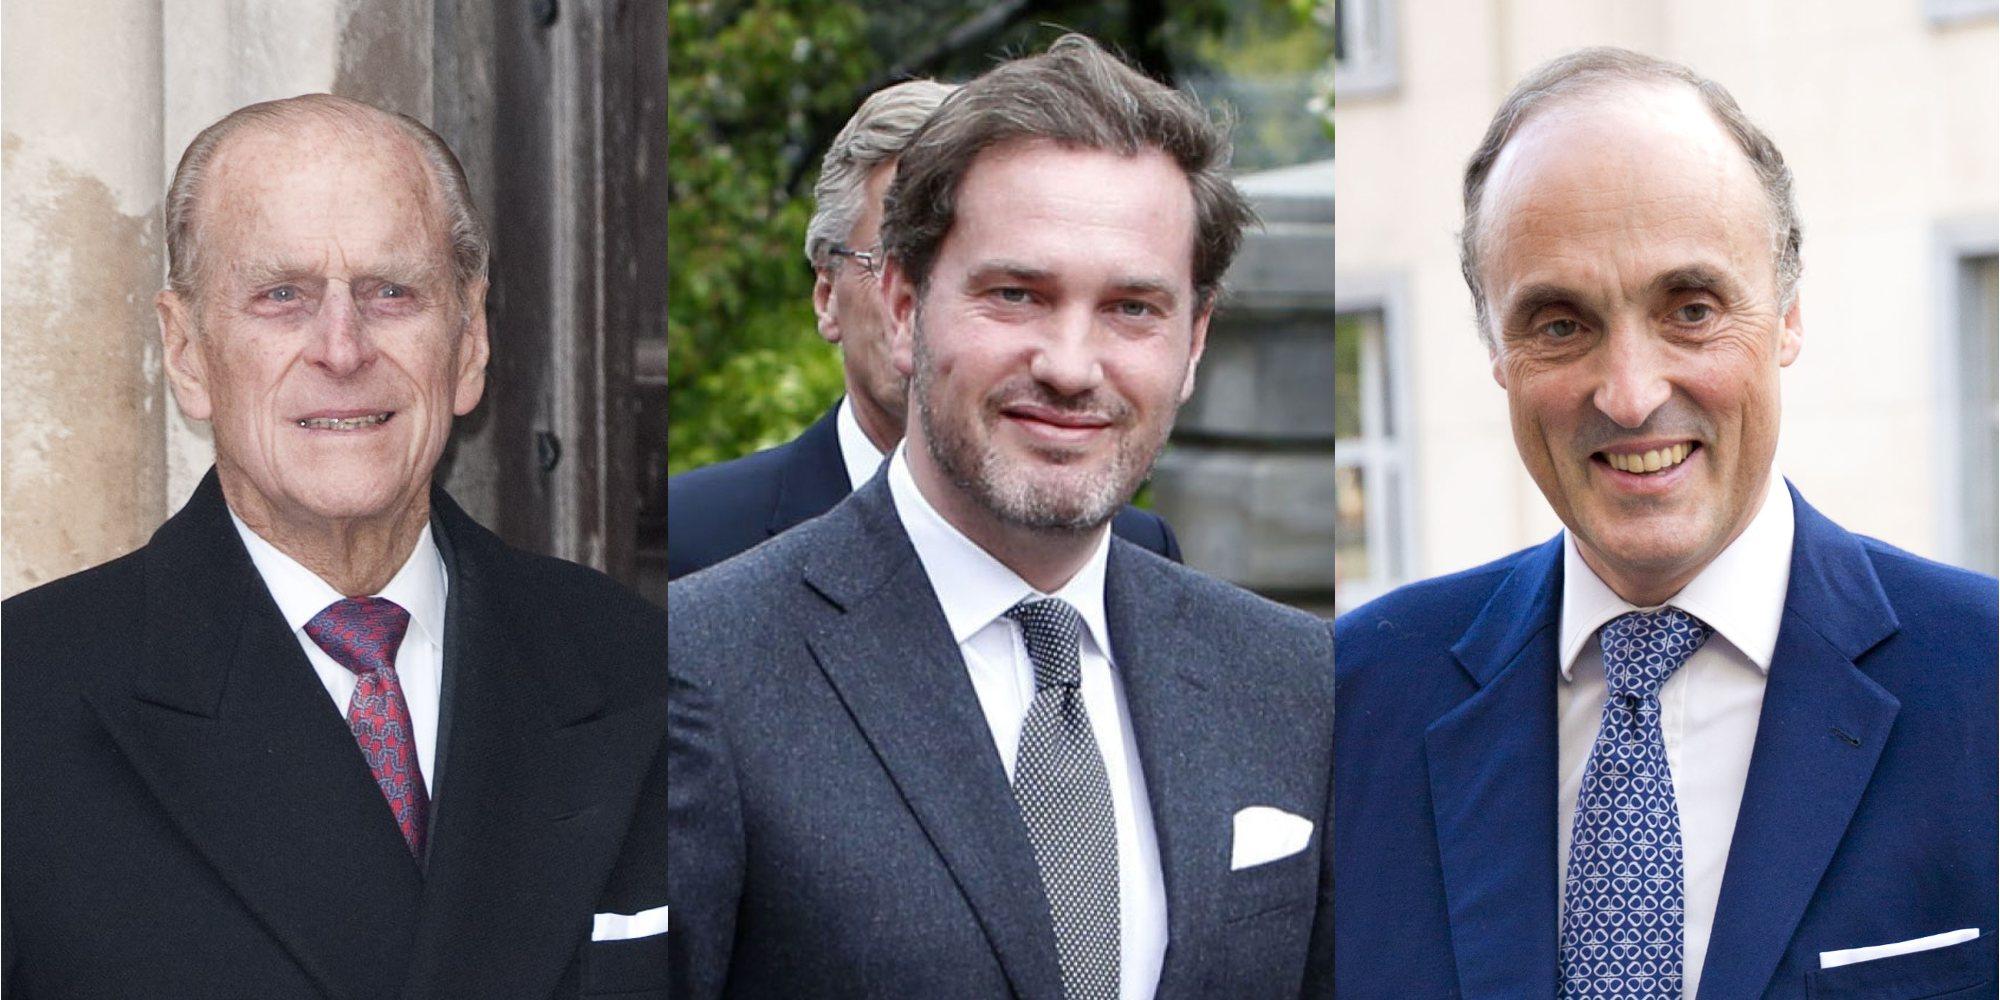 El Duque de Edimburgo, Chris O'Neill, el Príncipe Lorenzo de Bélgica y otros royals extranjeros